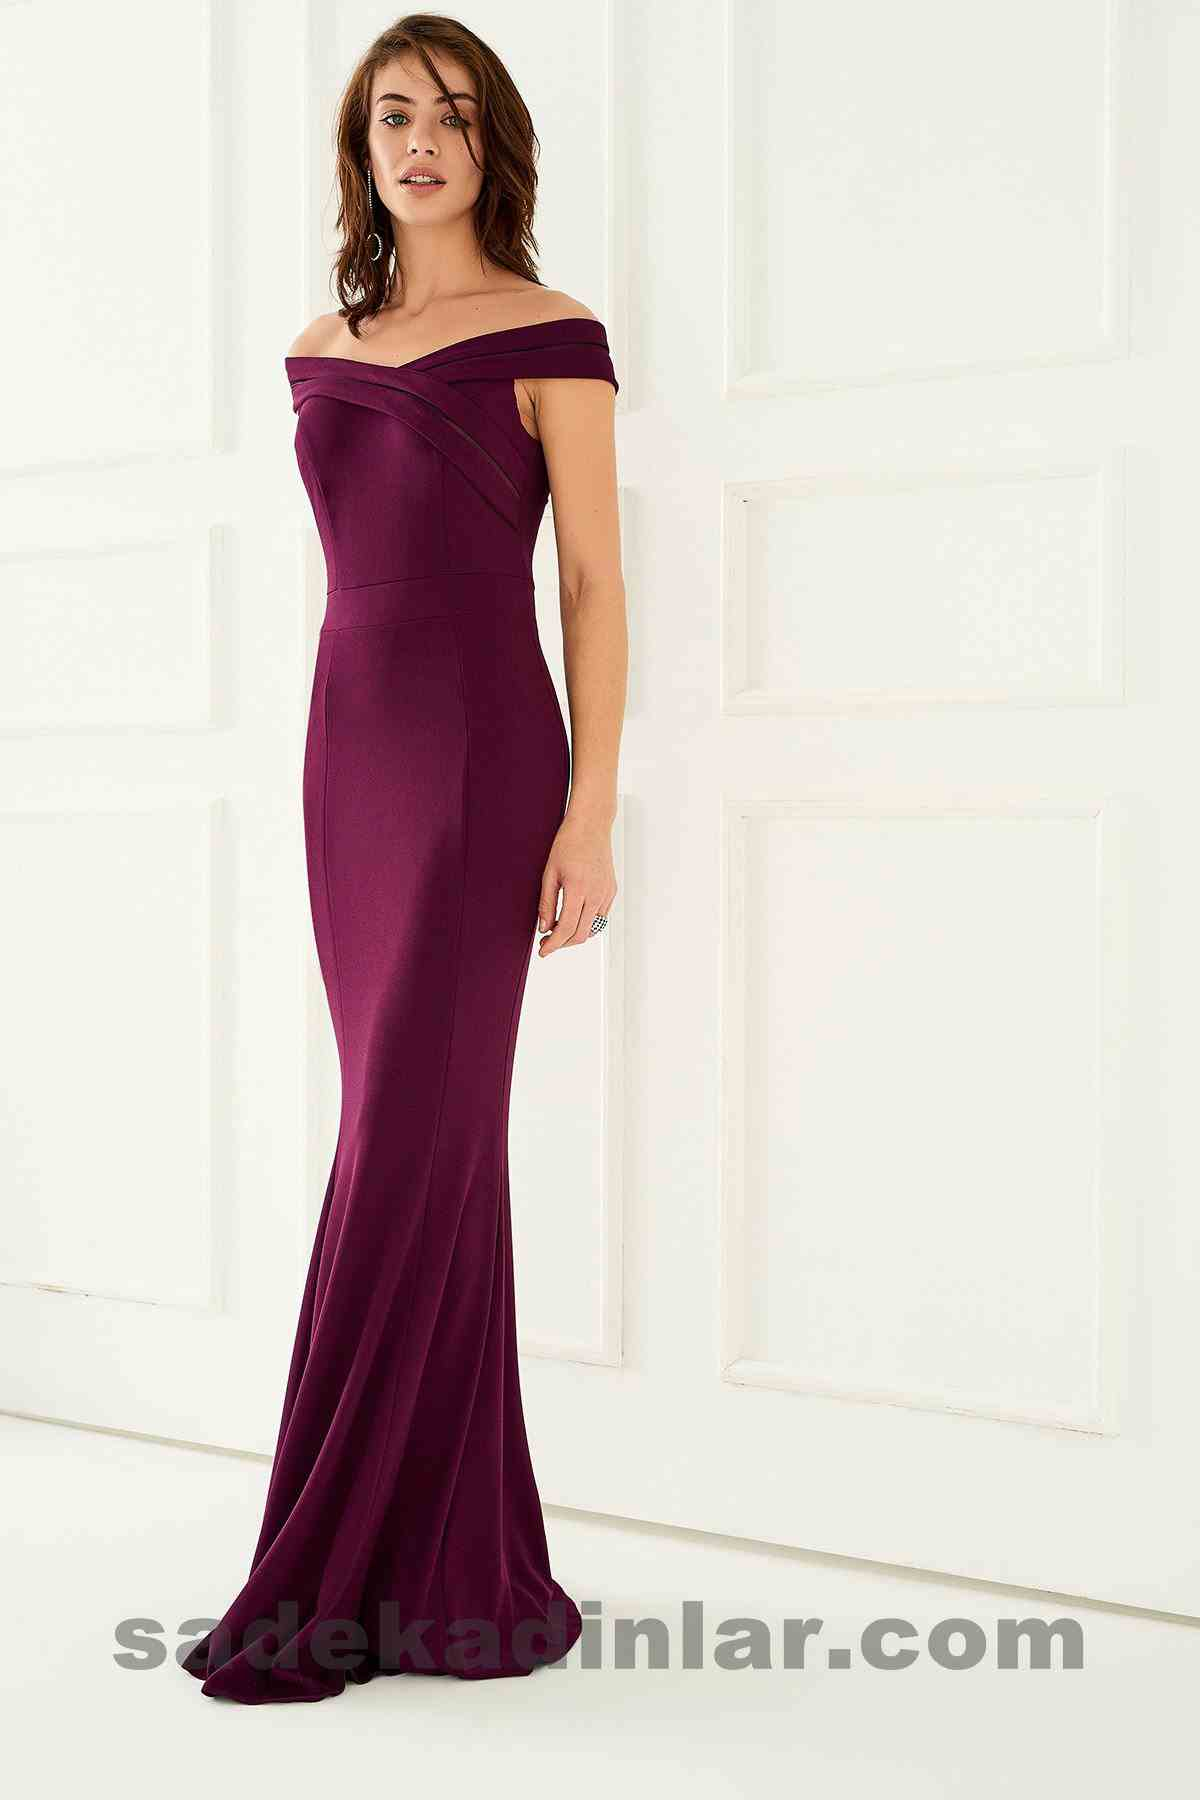 Abiye Elbise Modelleri Şık ve Güzel 2019 Gece Elbiseleri Düşük Omuz Mürdüm Rengi Uzun